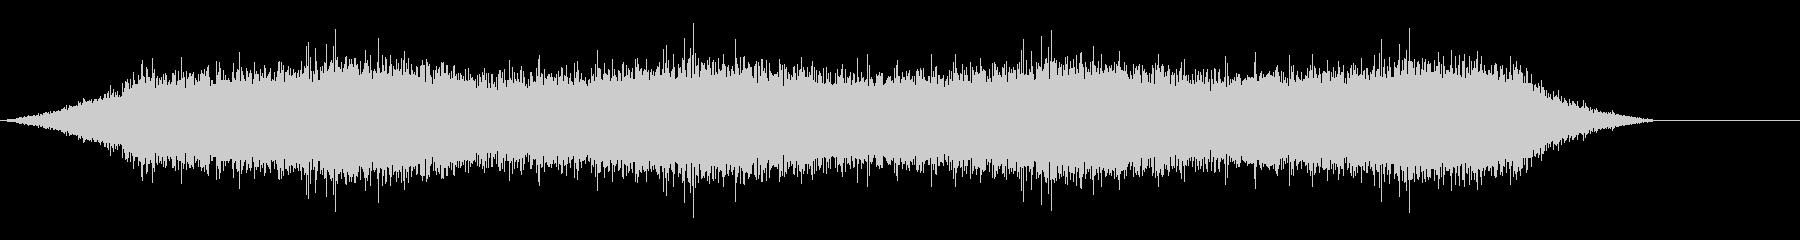 パチパチパチ(大人数の拍手の効果音)の未再生の波形